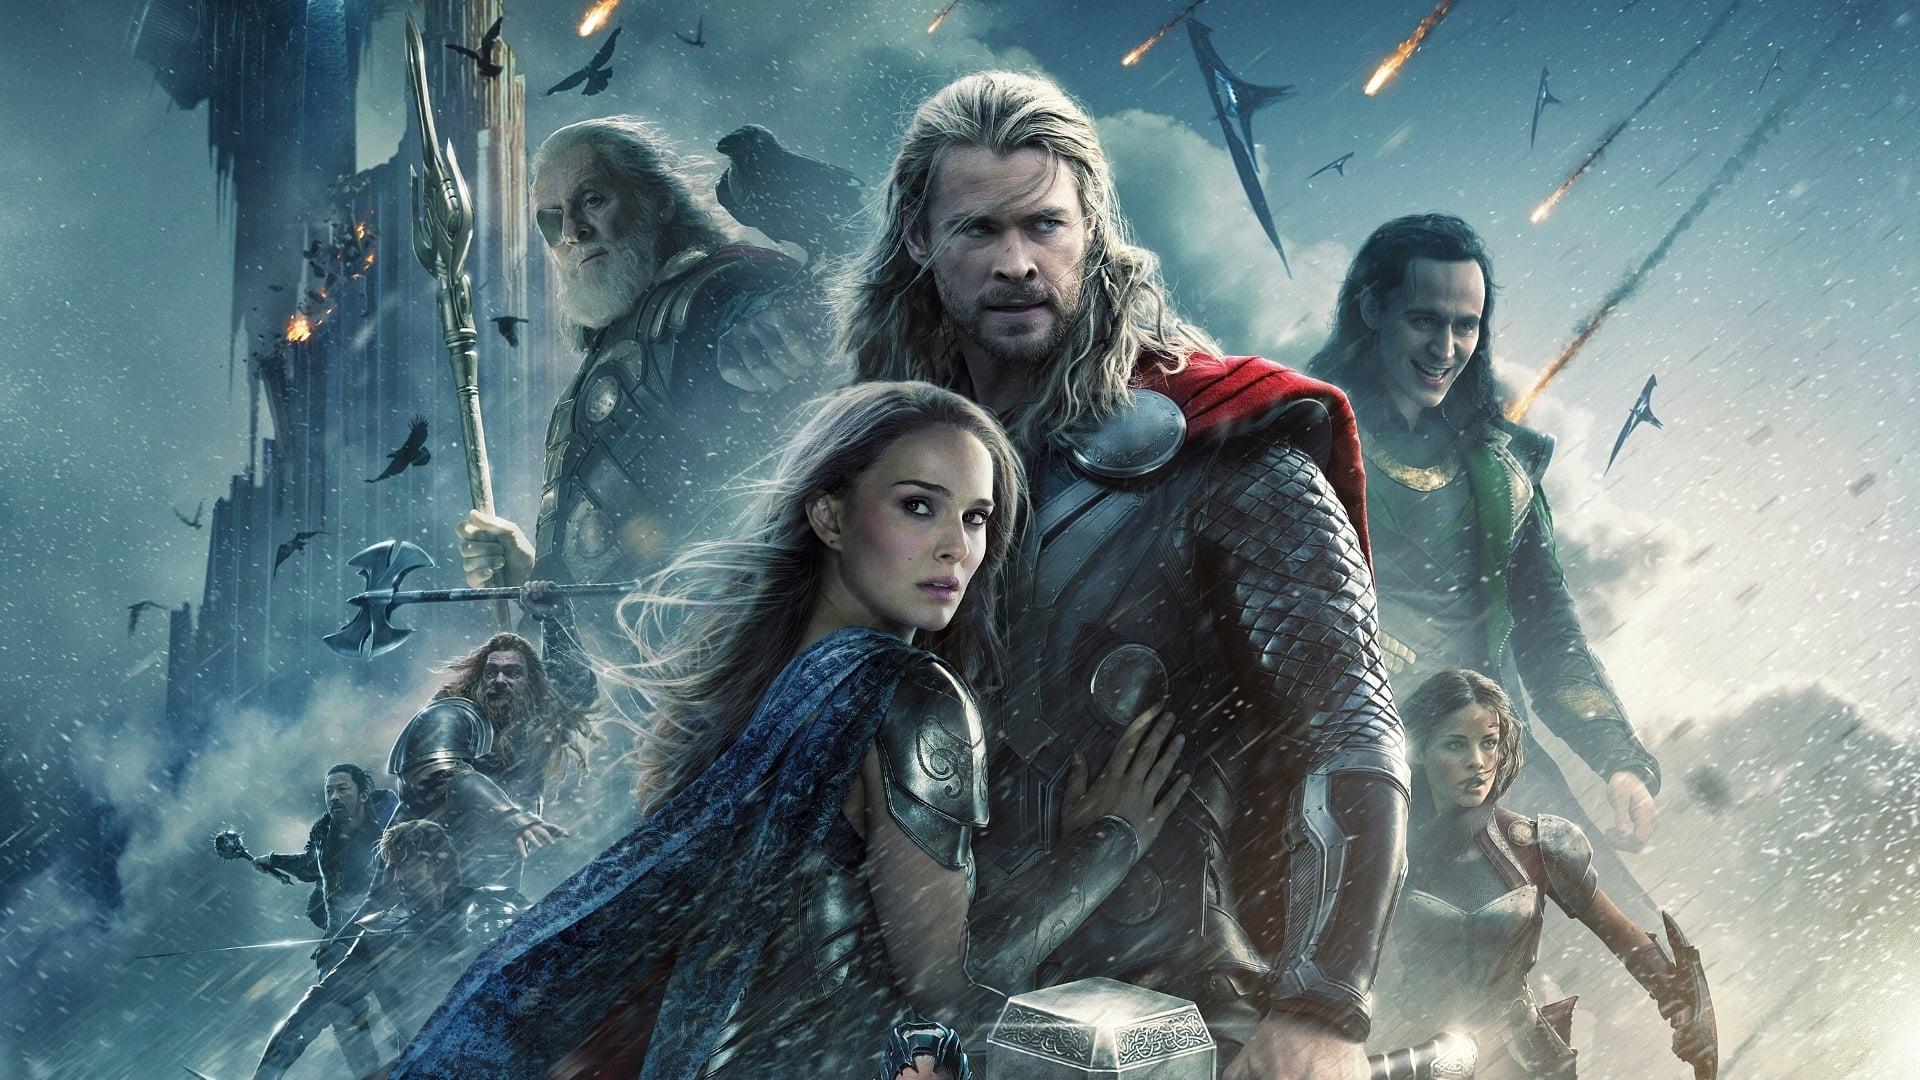 Thor: O Mundo Sombrio Dublado Online